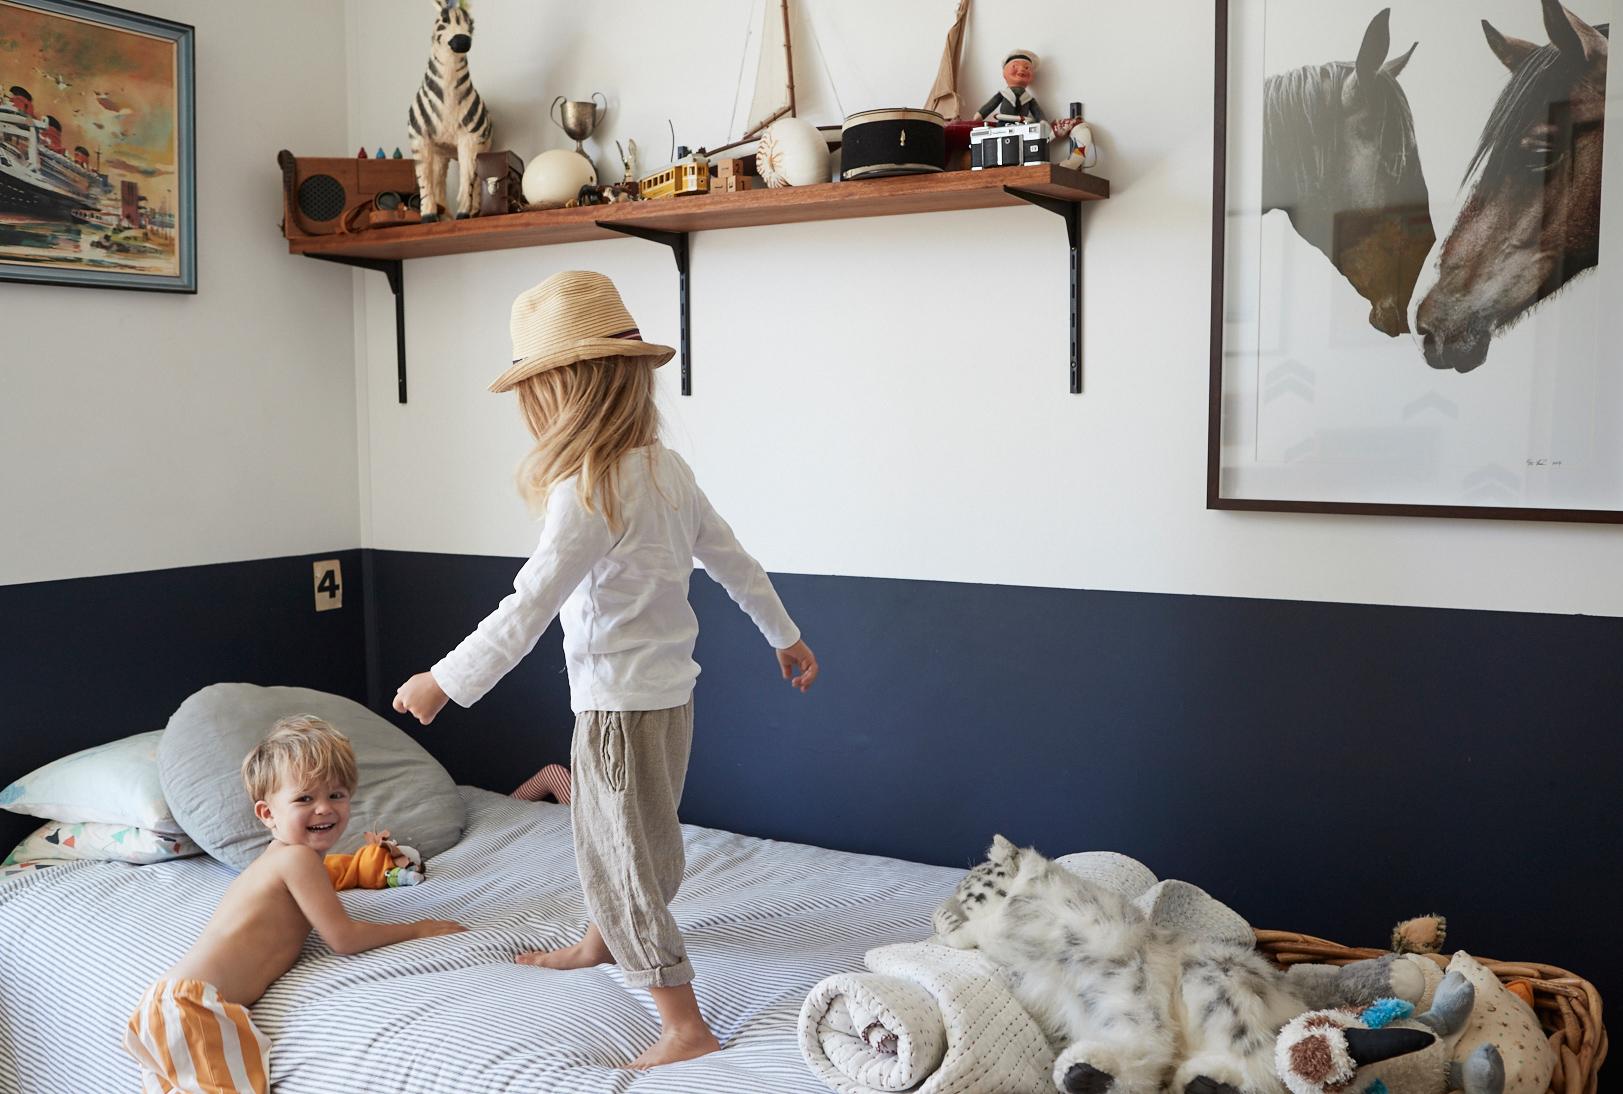 11 unique décor finds for your little boy's room